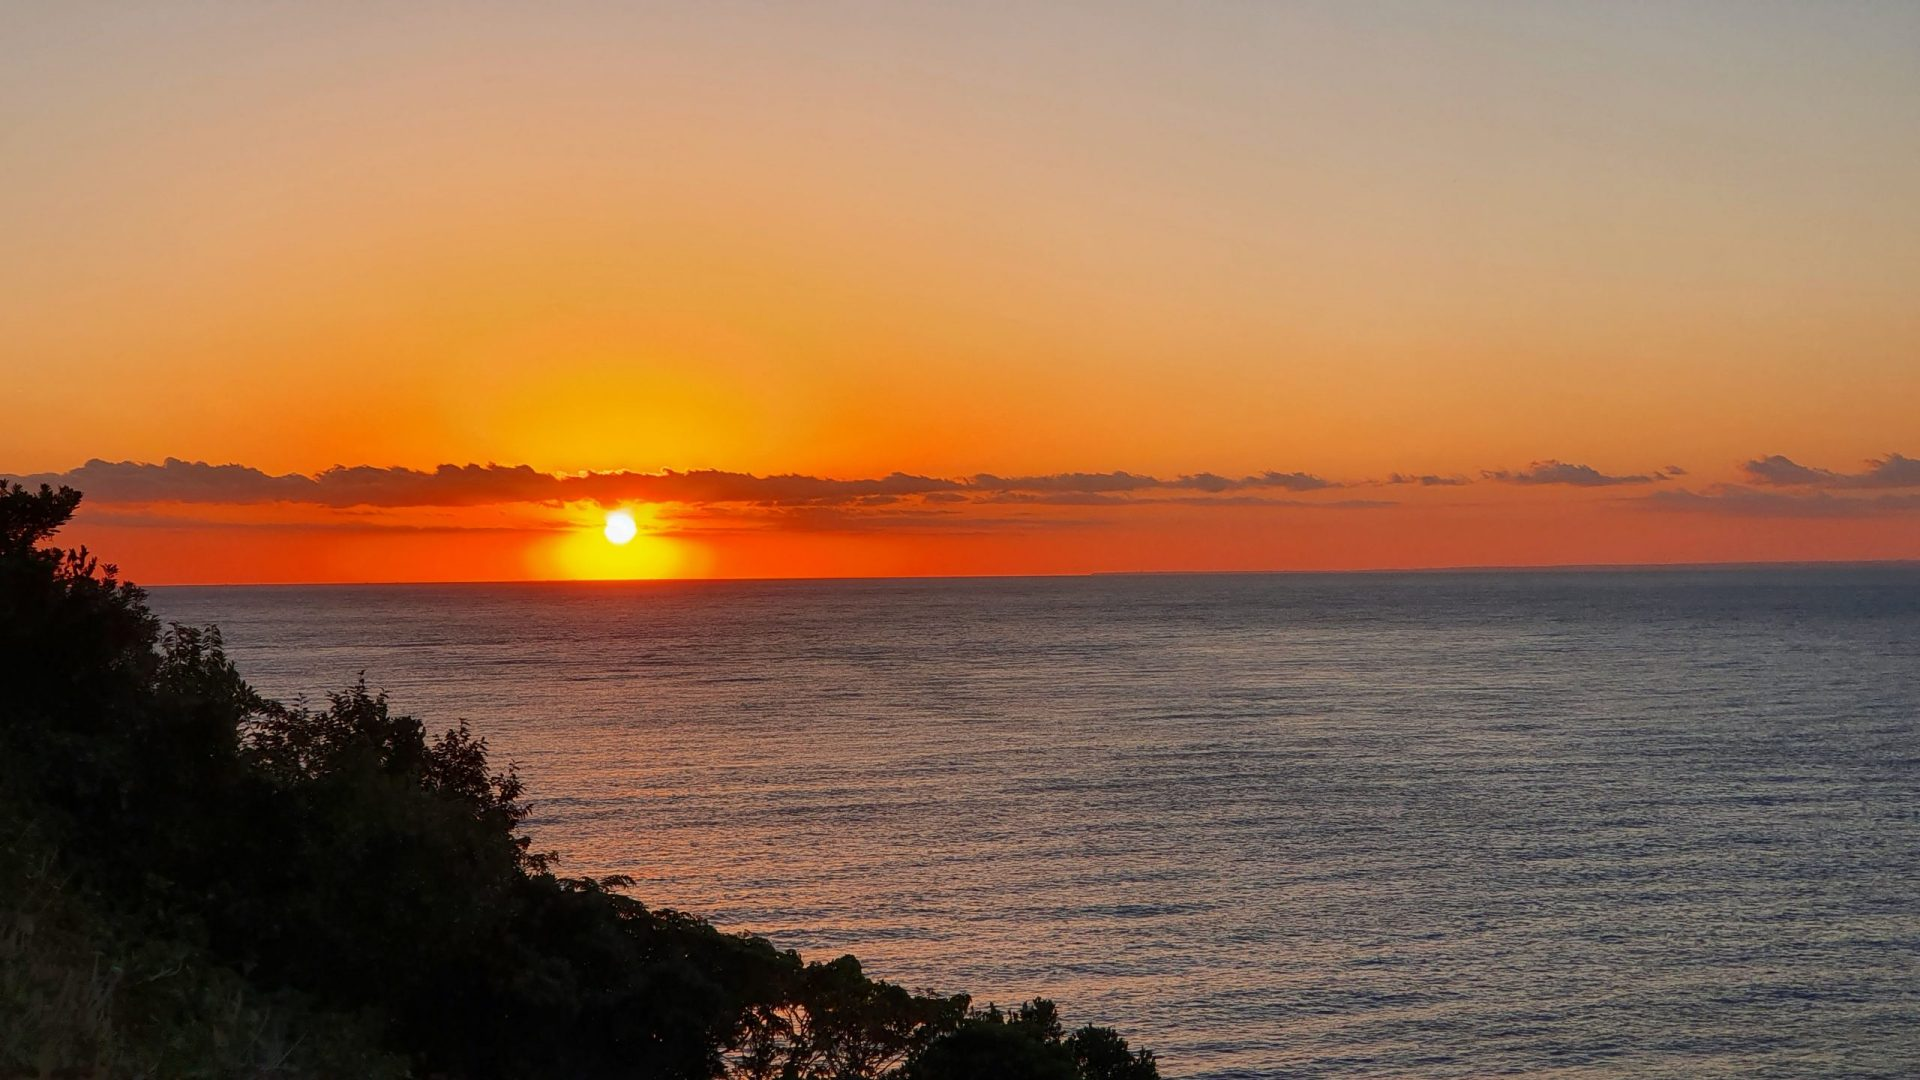 雲見夕陽と潮騒の岬オートキャンプ場